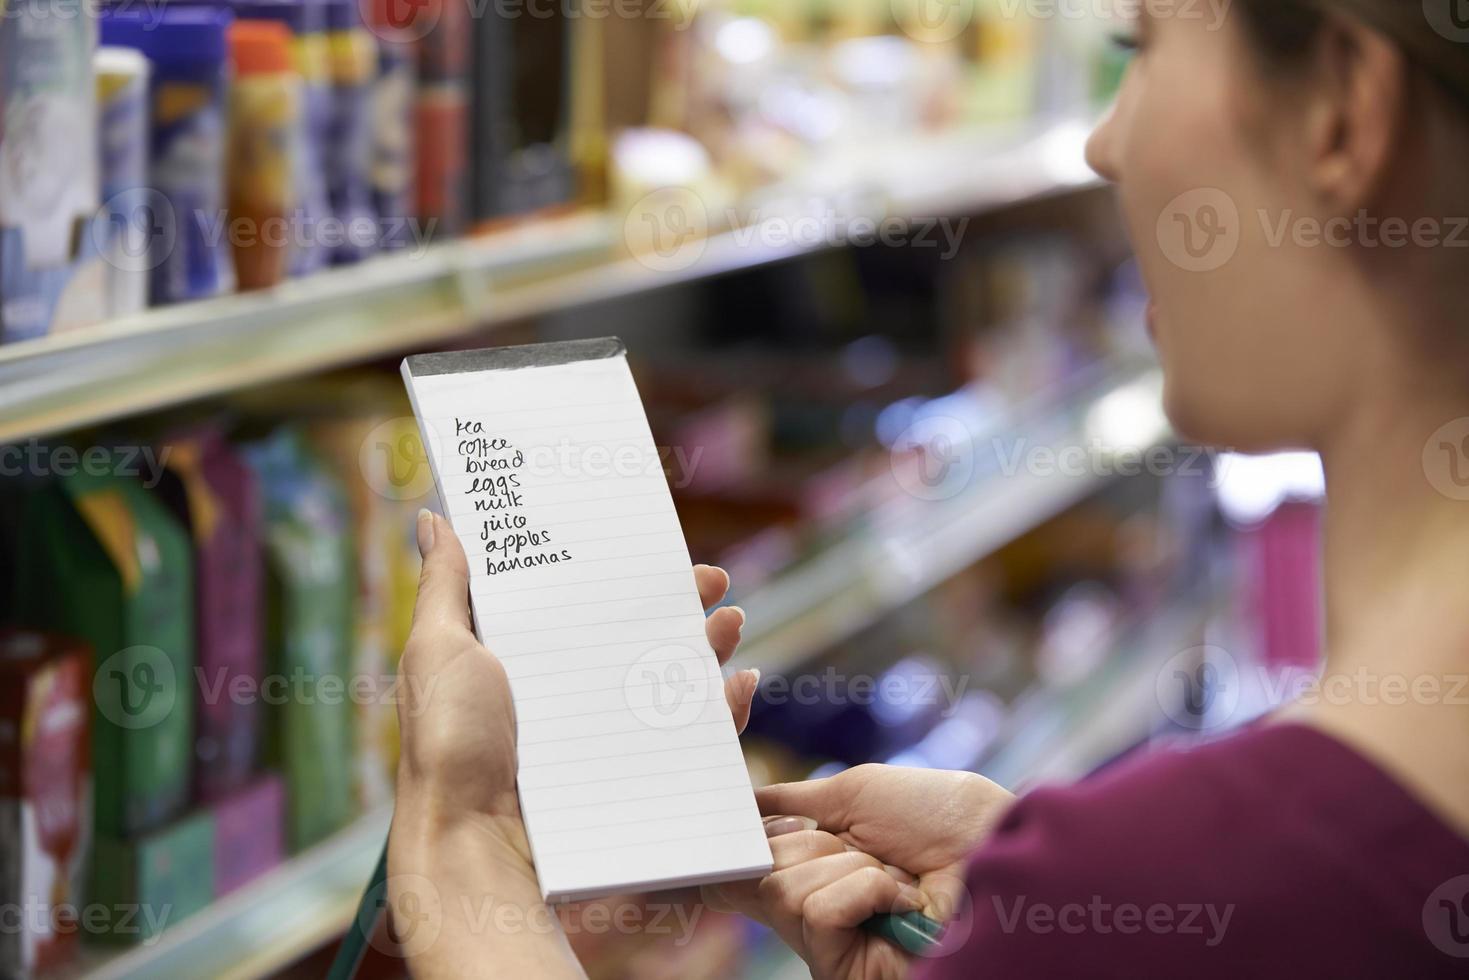 vrouw leest boodschappenlijstje in de supermarkt foto